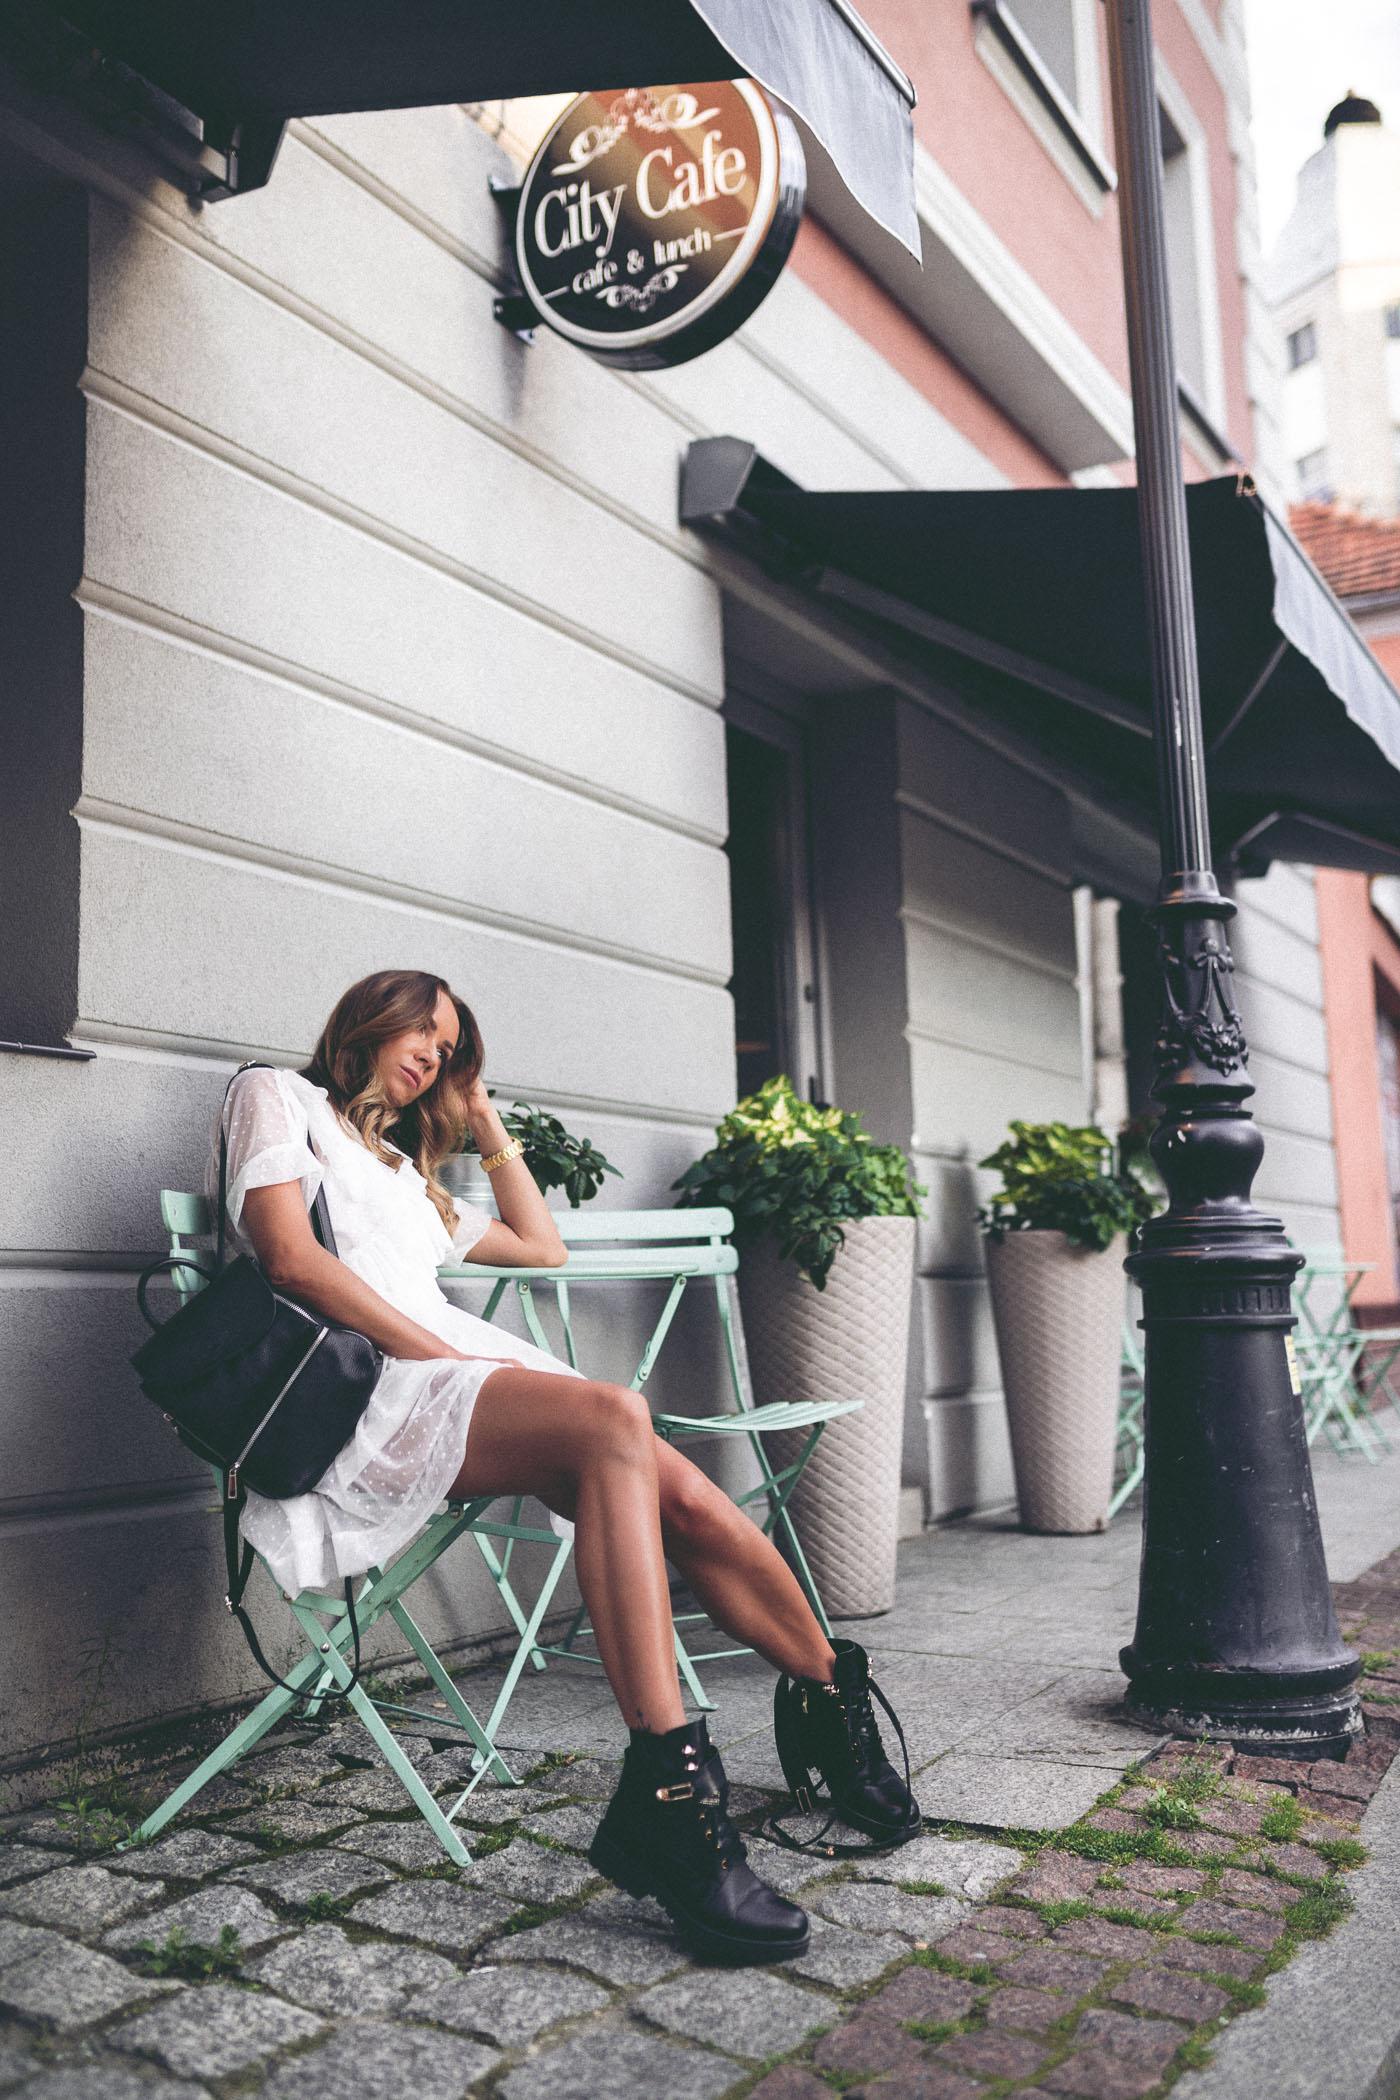 Sukienka Monika Świderska, botki biker boots, botki carinii, botki eobuwie, City Cafe Jarocin